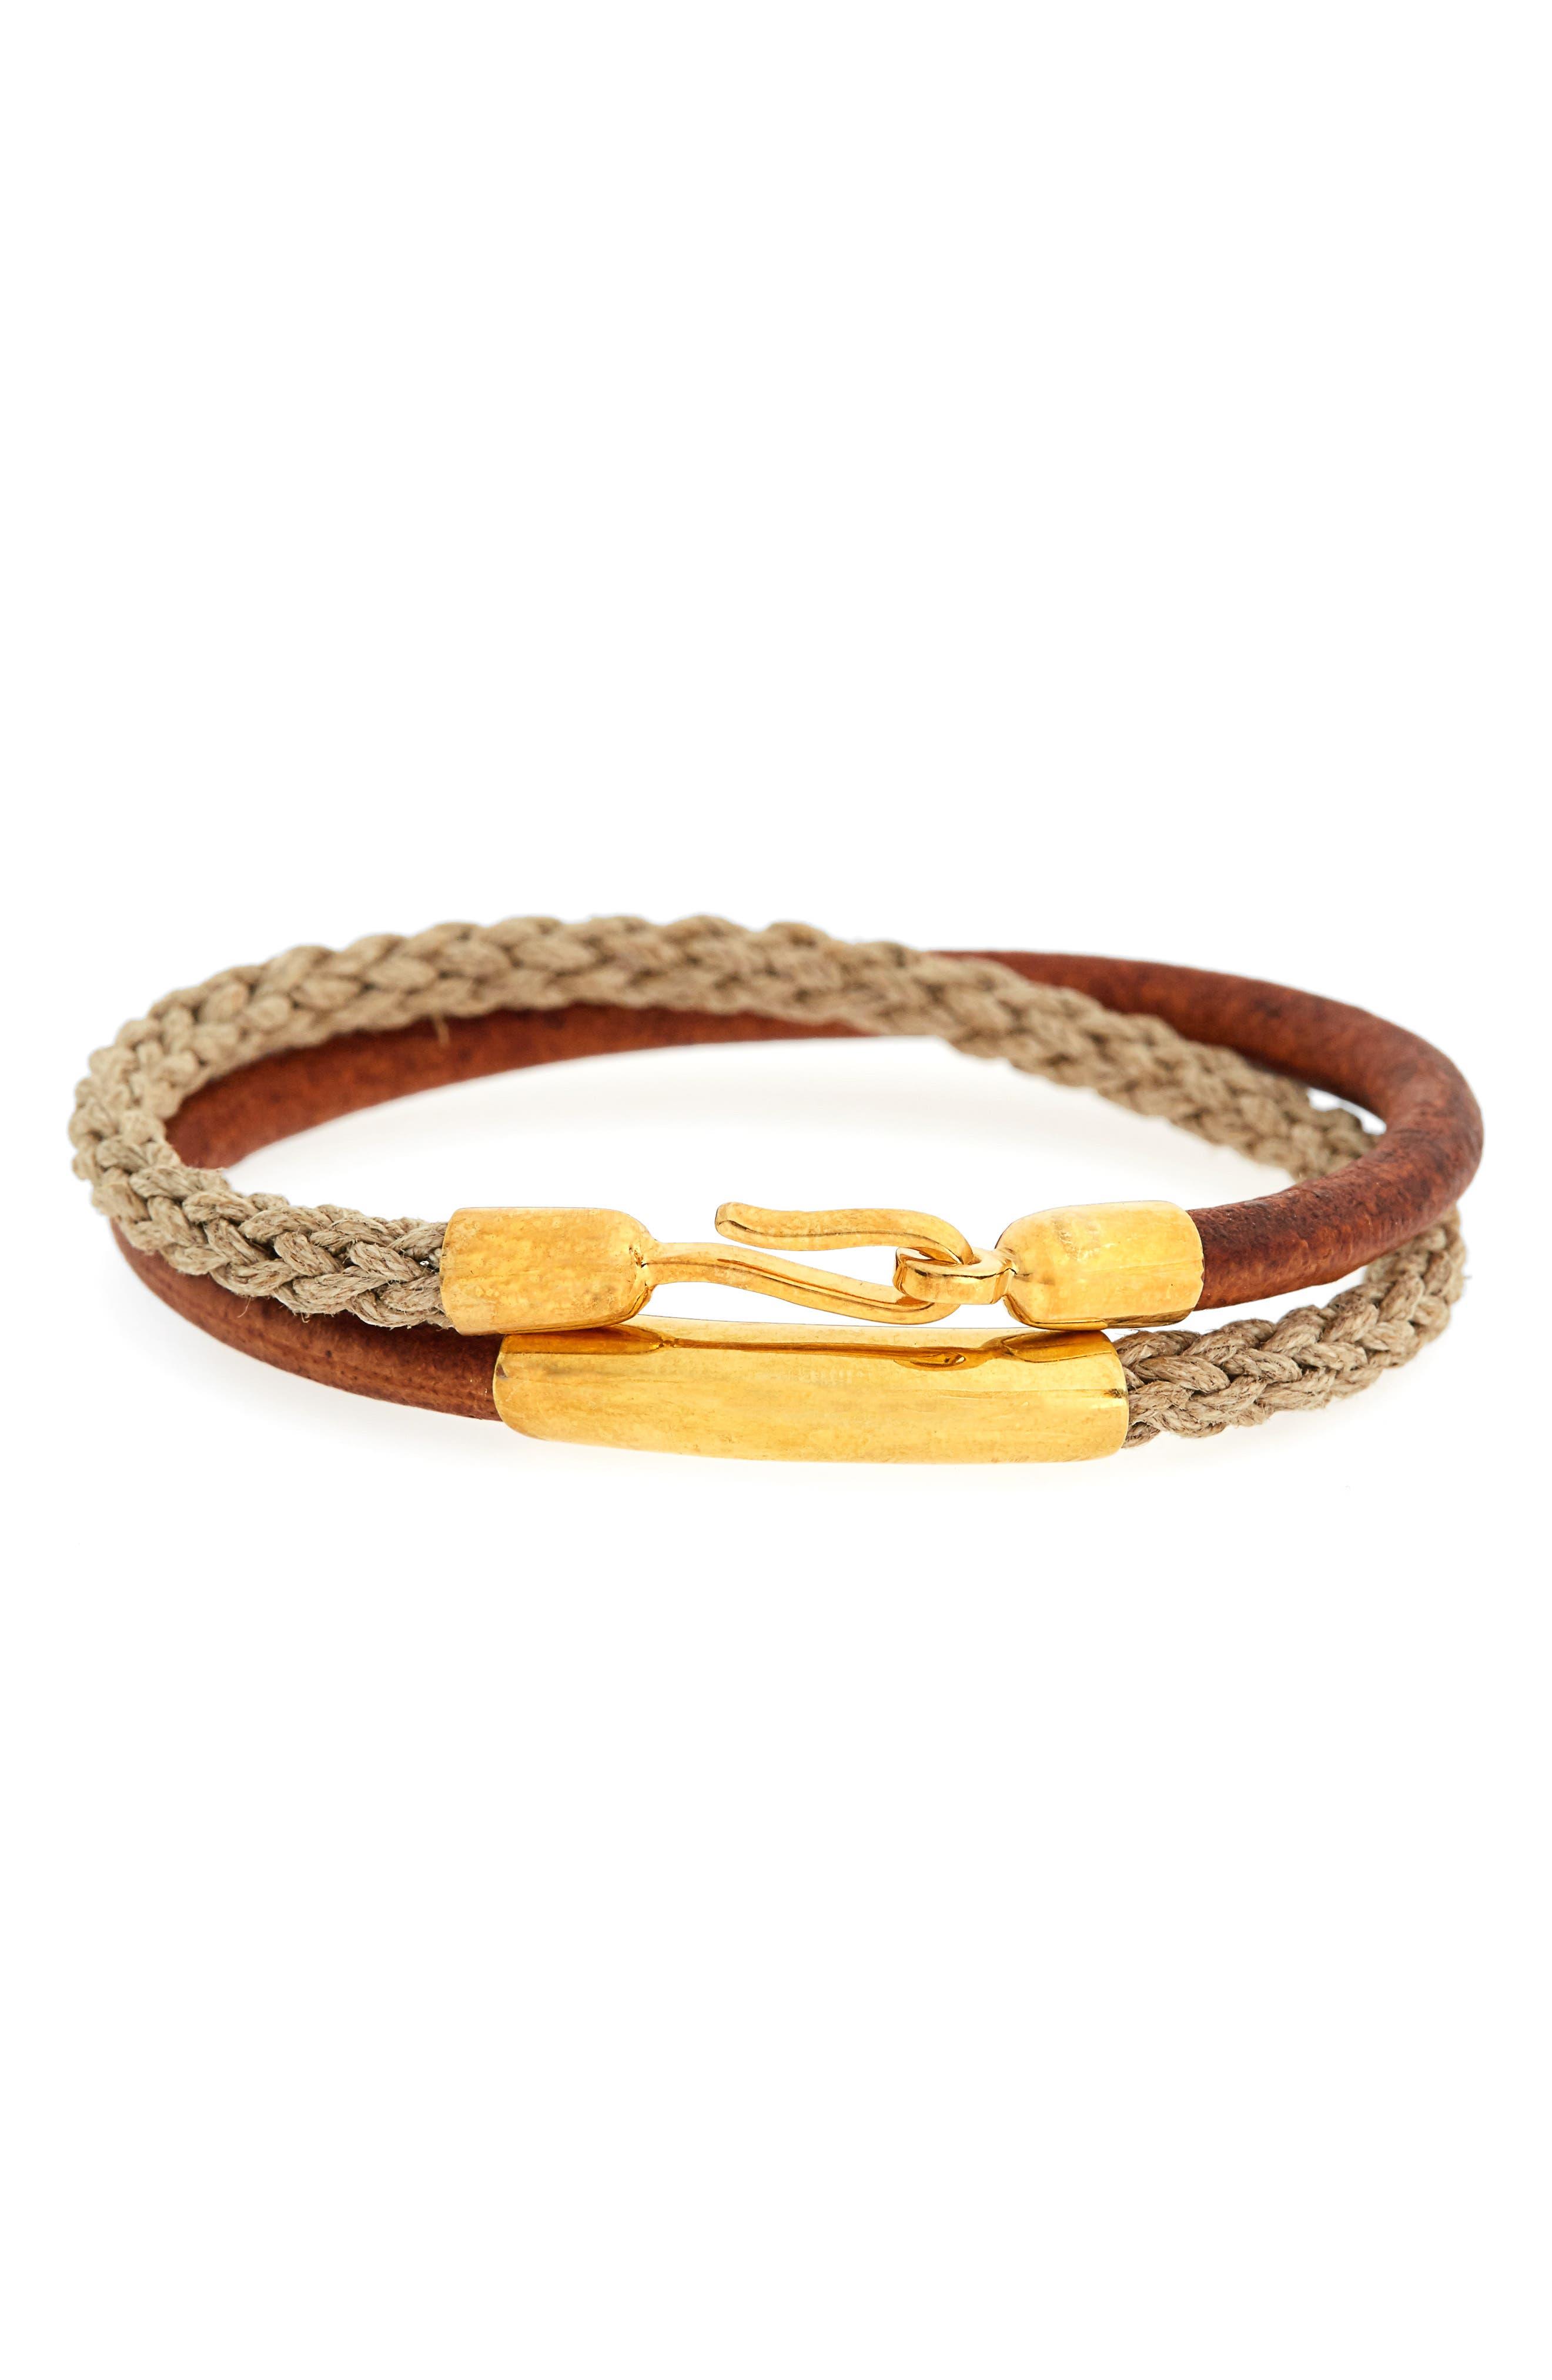 Leather & Jute Wrap Bracelet,                         Main,                         color,